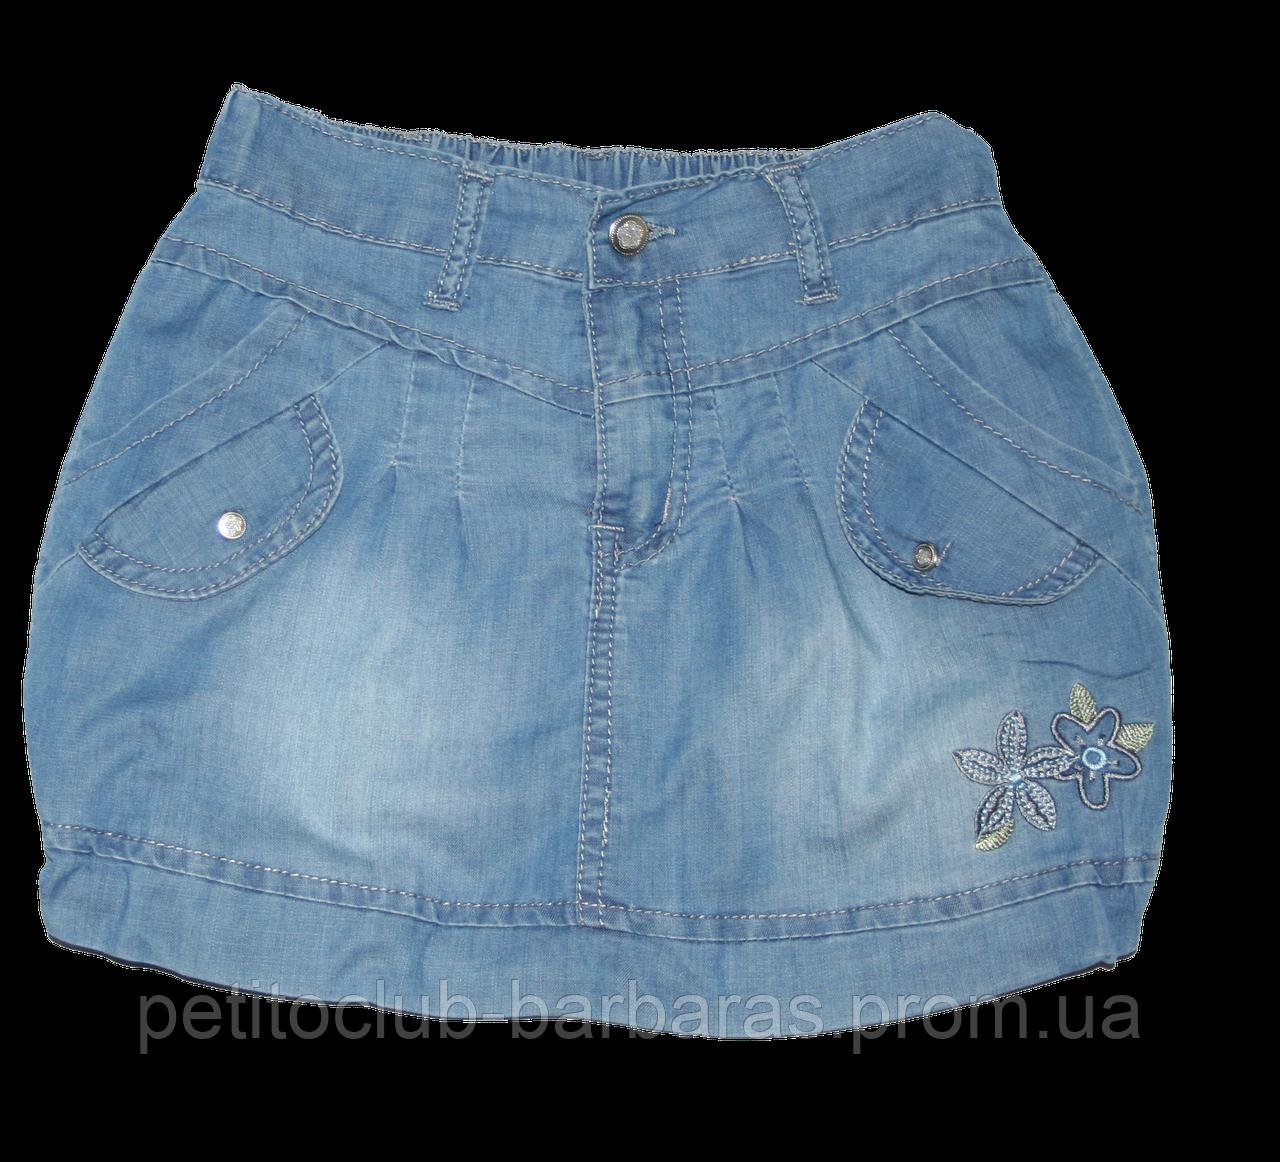 Детская летняя джинсовая юбка (QuadriFoglio, Польша)